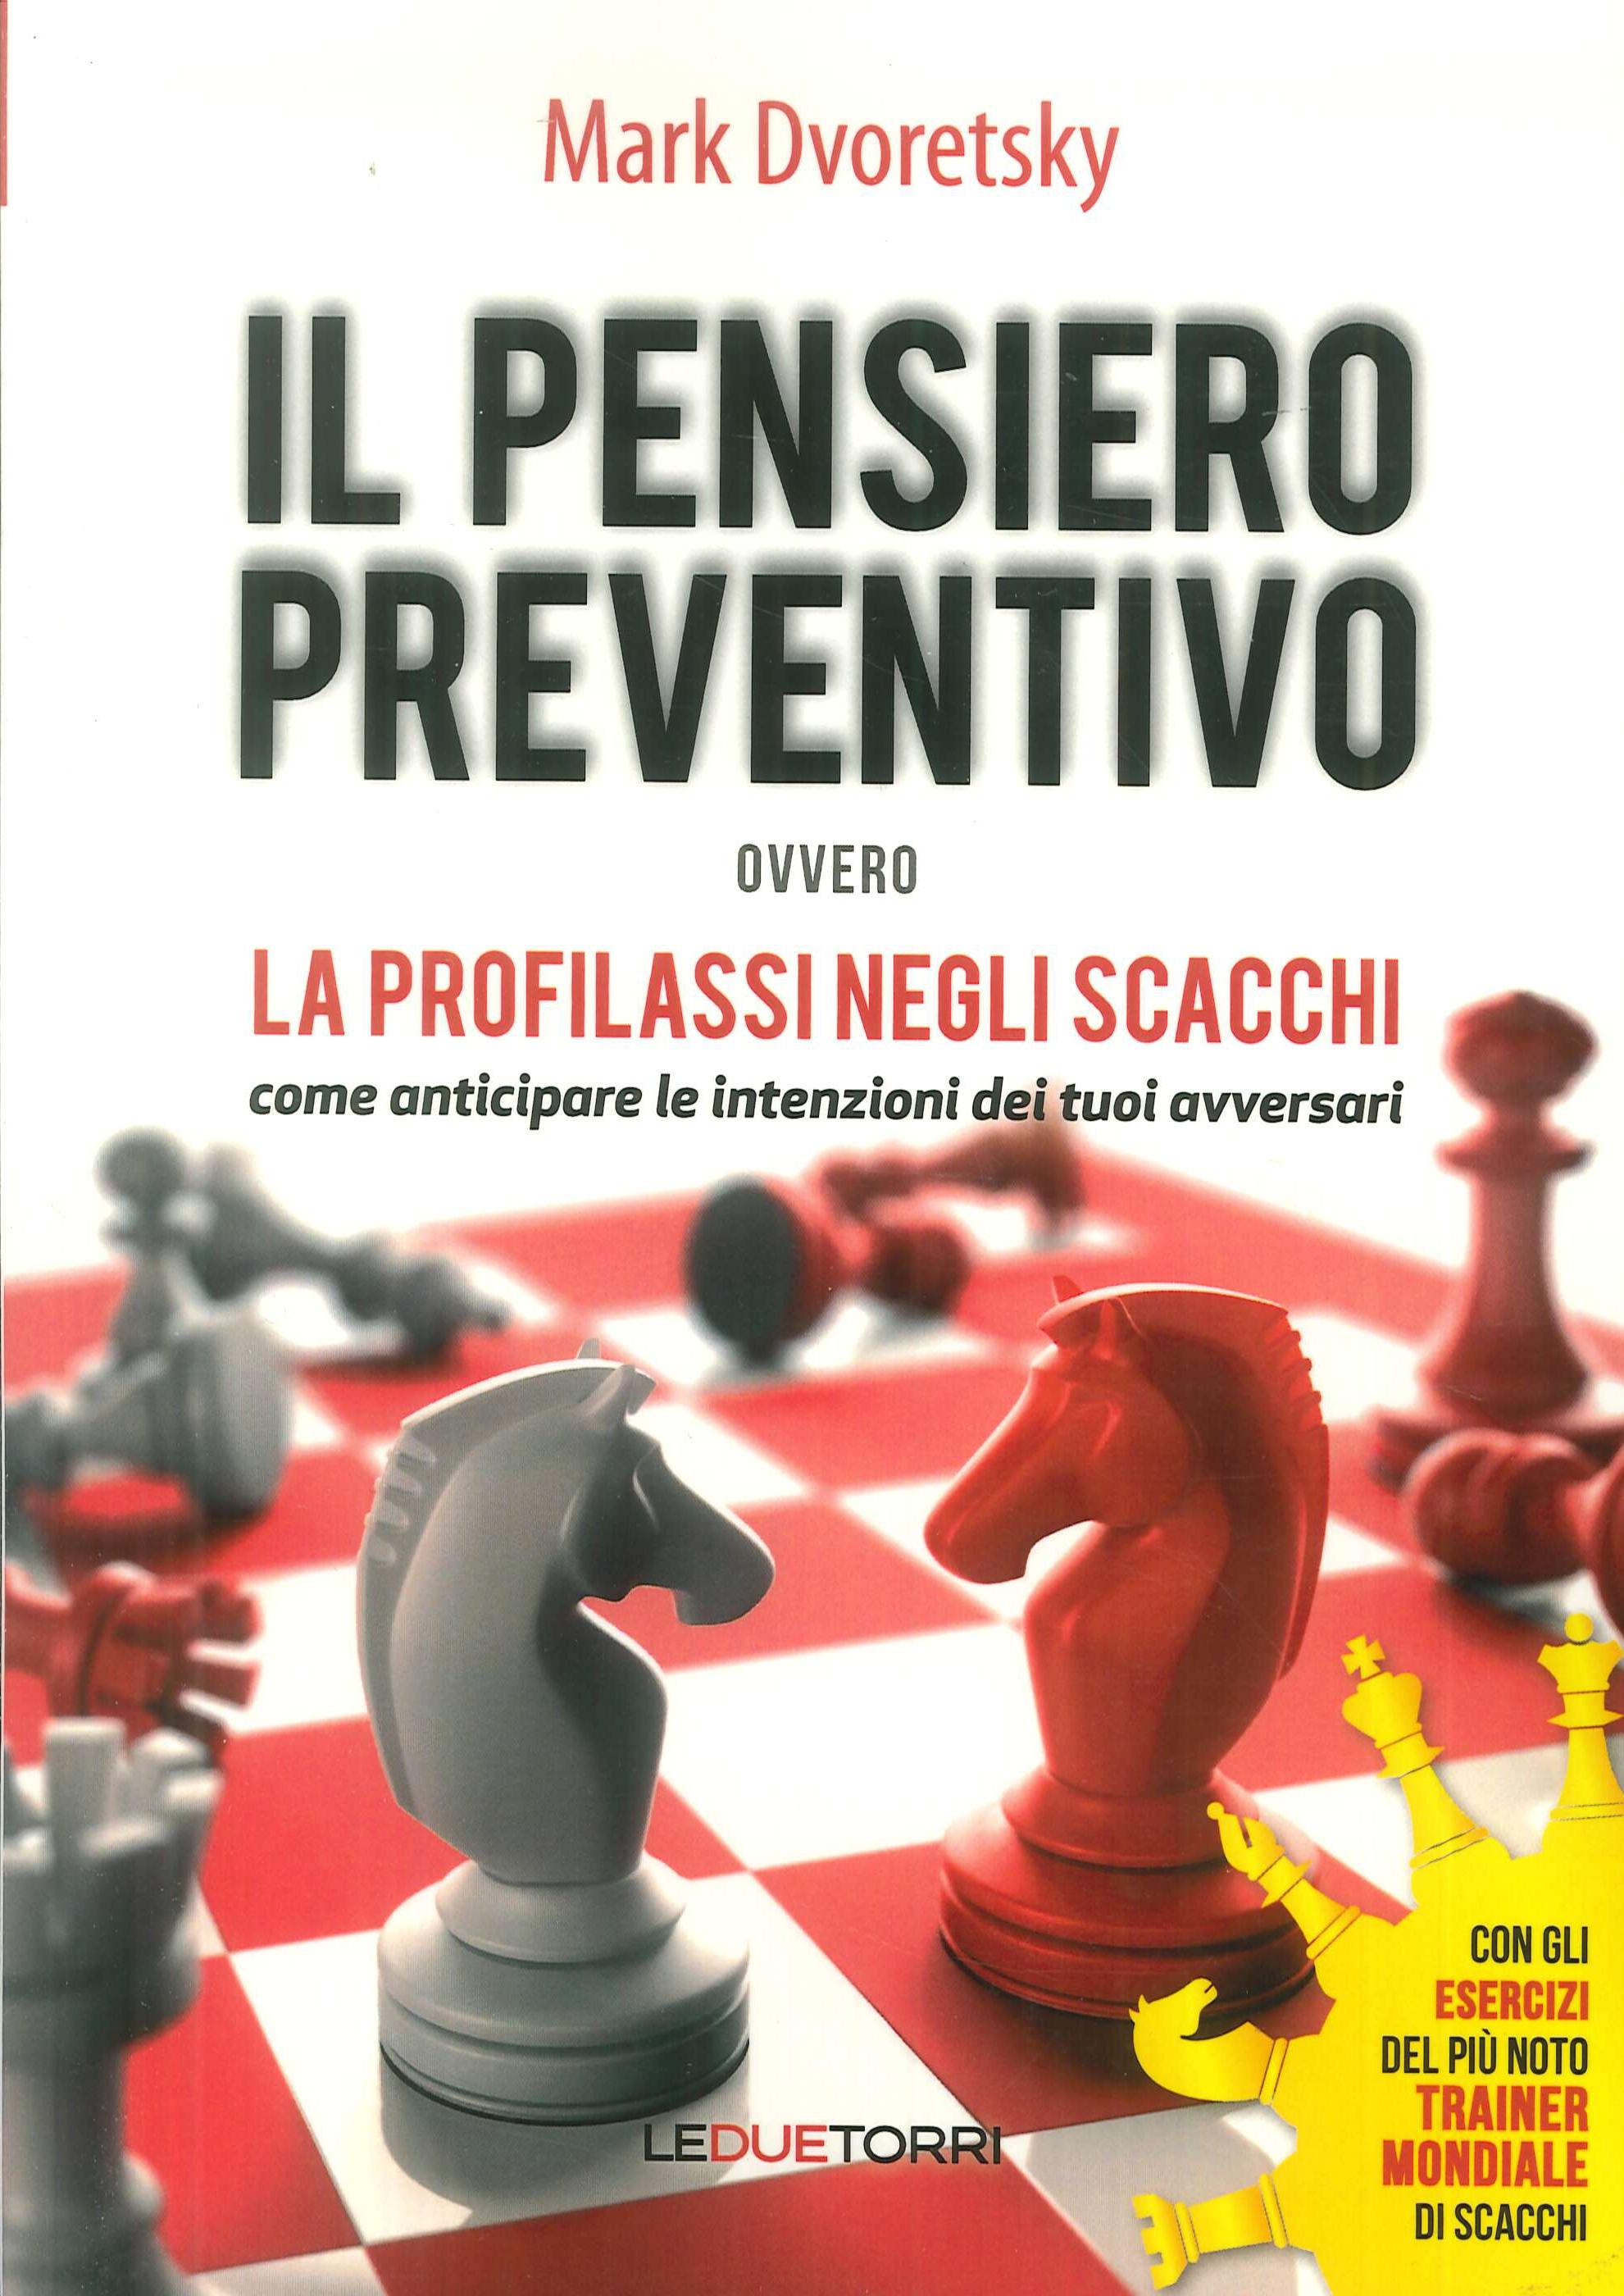 Il pensiero preventivo ovvero la profilassi negli scacchi. Come anticipare le intenzioni dei tuoi avversari